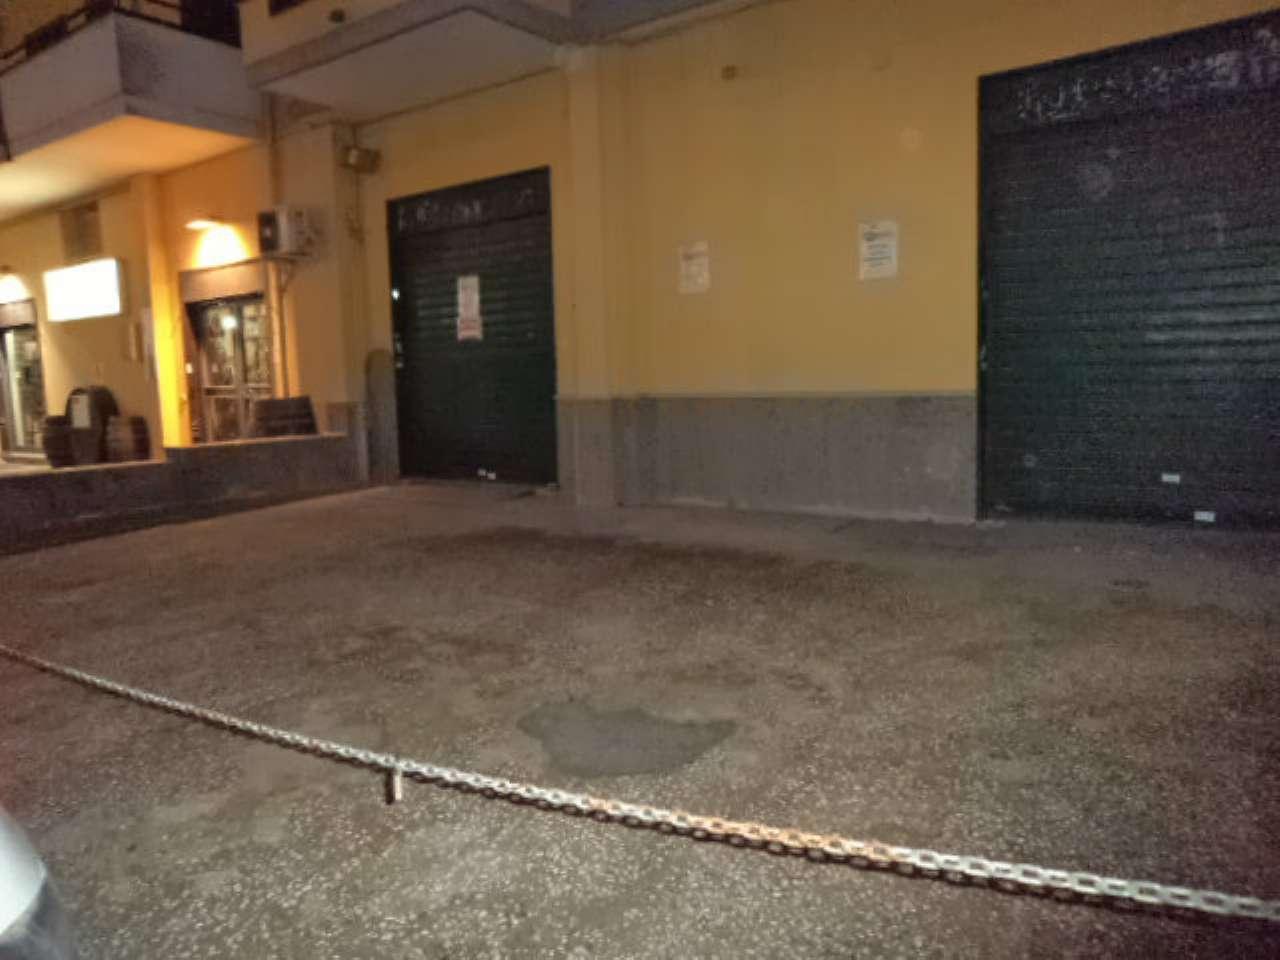 Negozio / Locale in affitto a Giugliano in Campania, 2 locali, prezzo € 900 | Cambio Casa.it